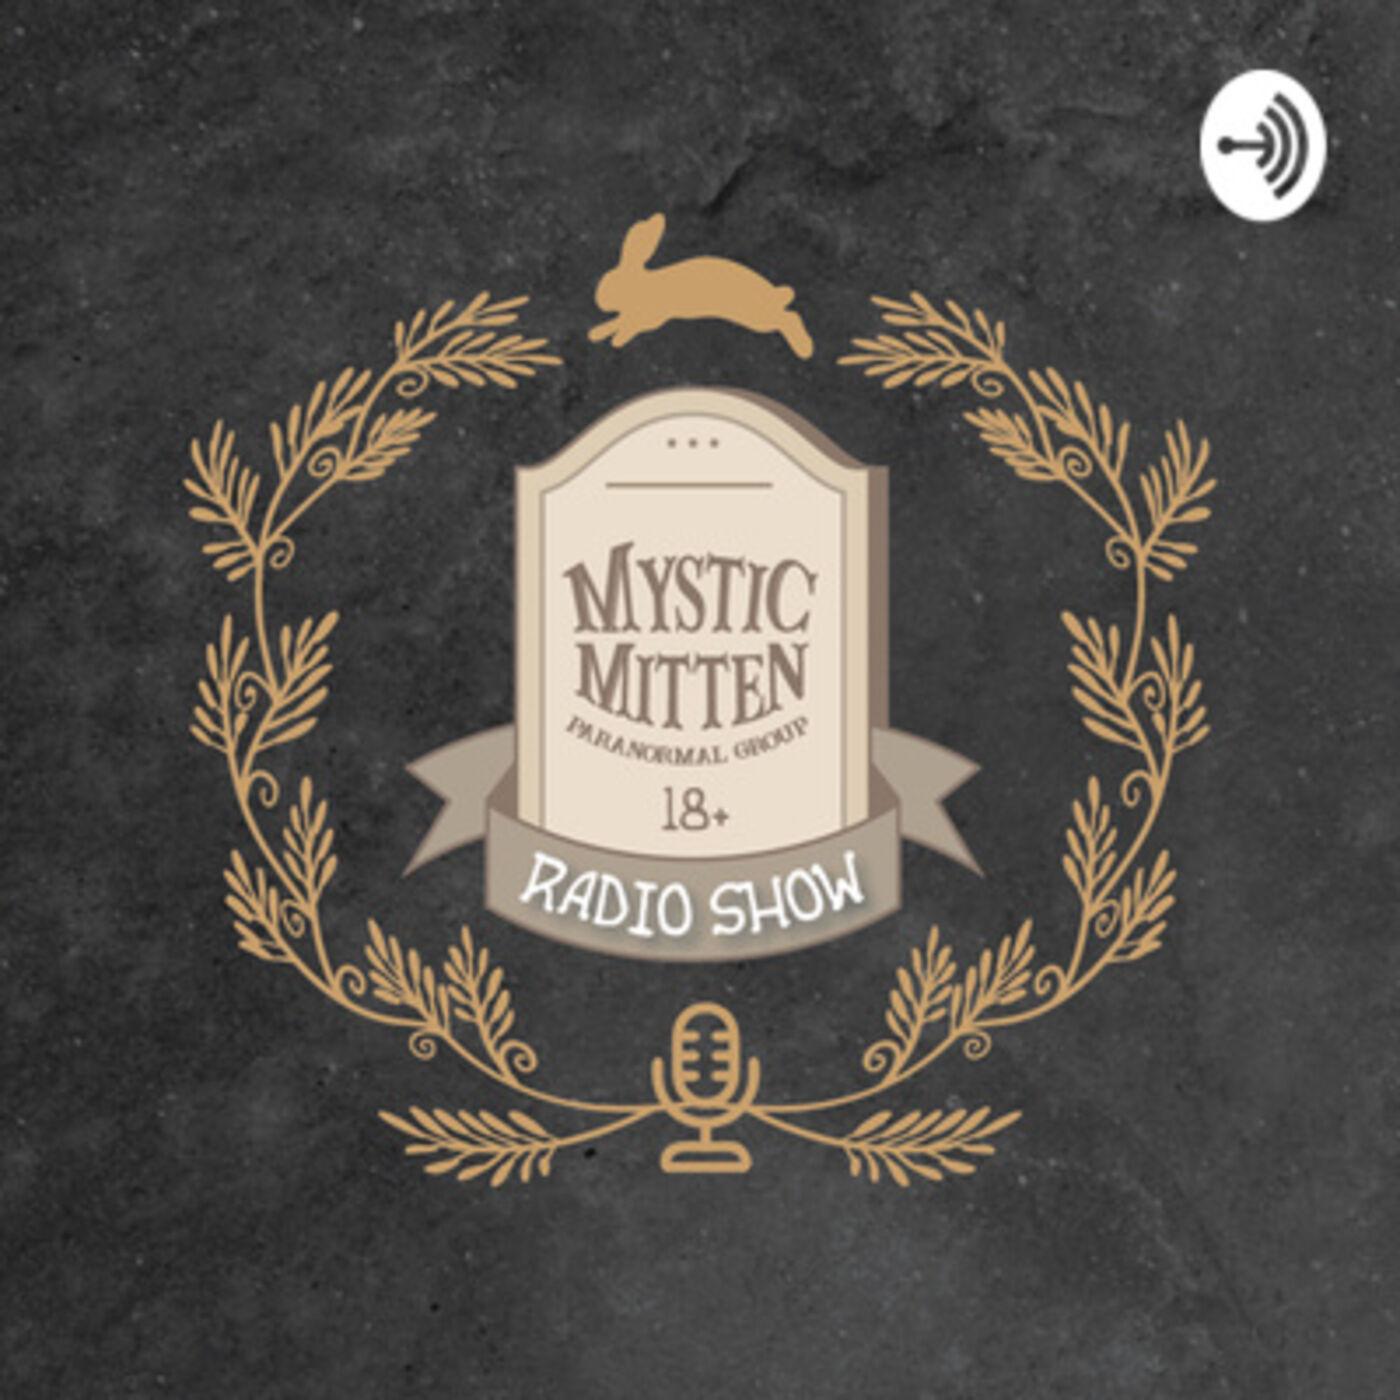 Episode 30 - The Mystic Mitten Radio Show Bonus Episode